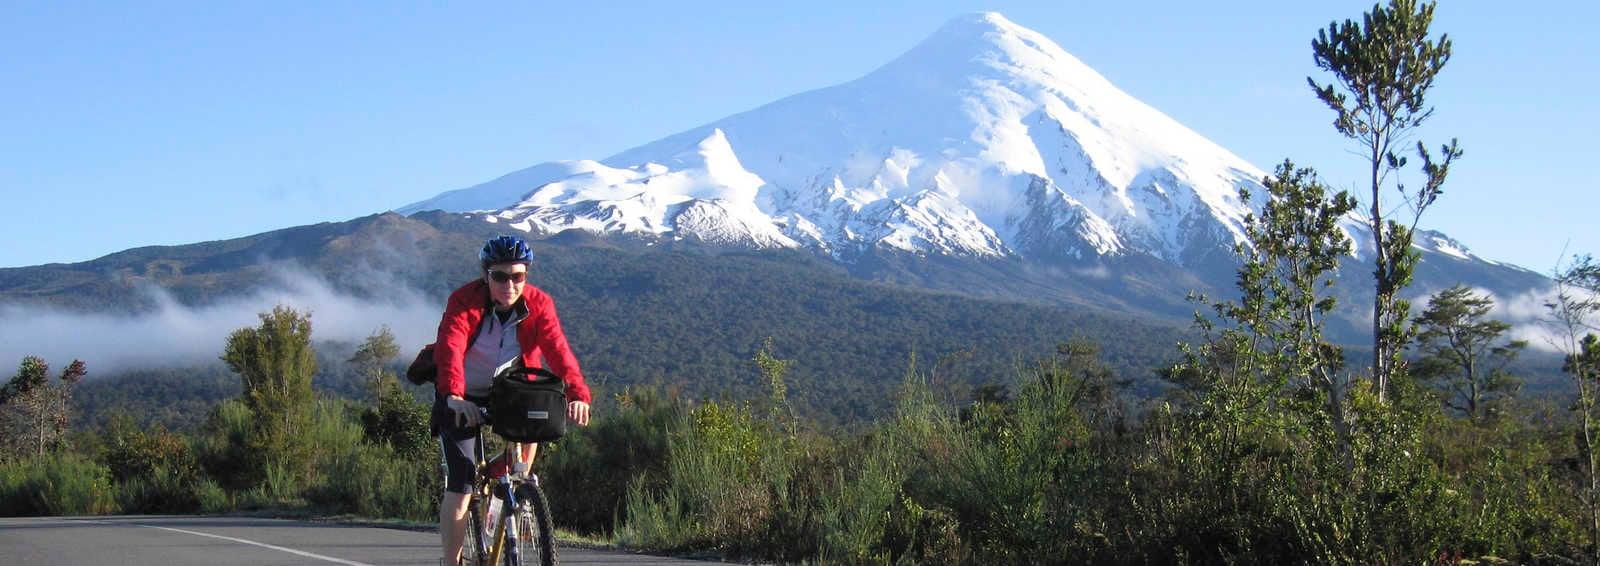 Cyclist and Osorno Volcano, Chile